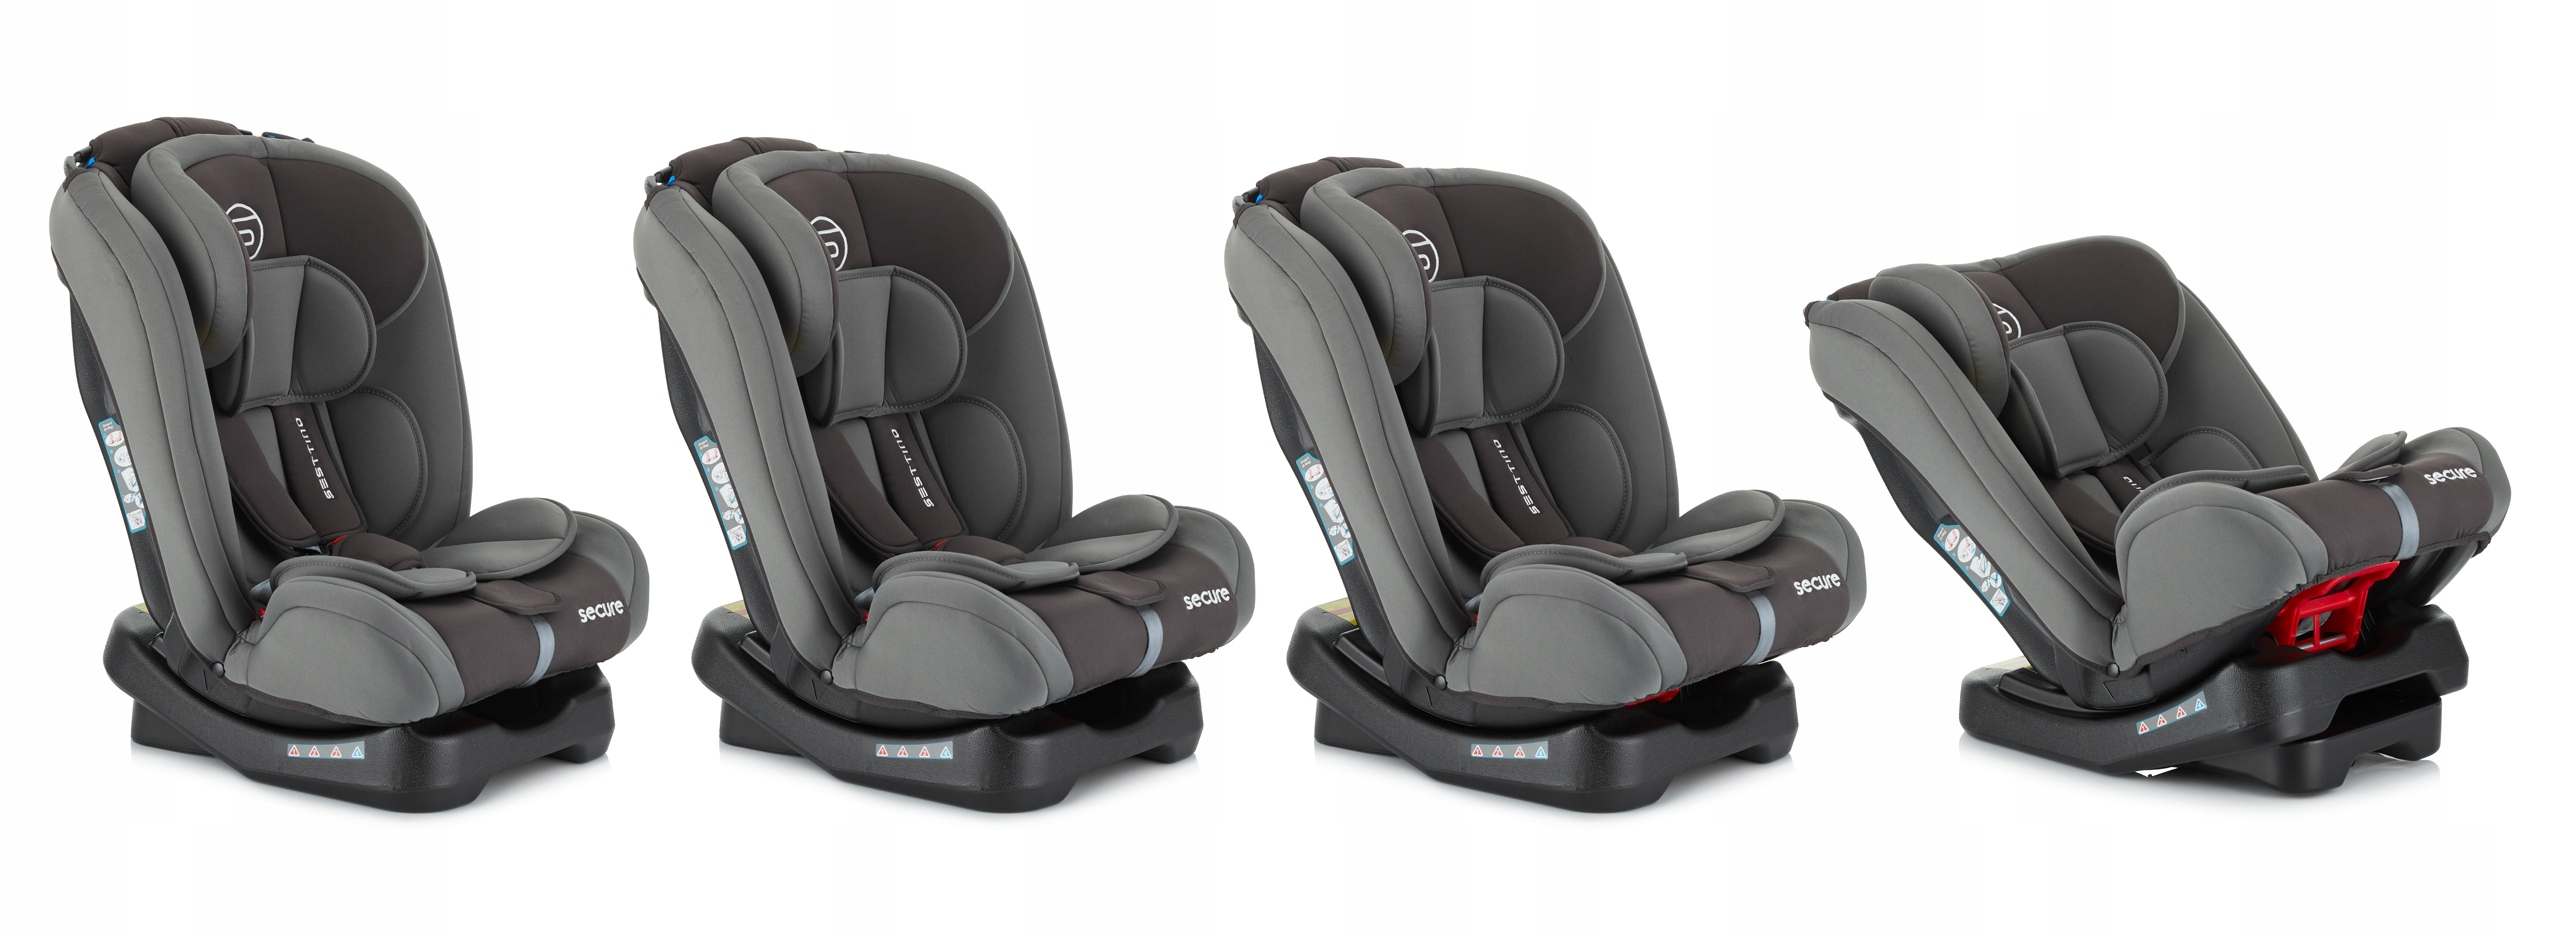 Fotelik samochodowy Sesttino Secure PRO 0-36kg Model Secure Pro